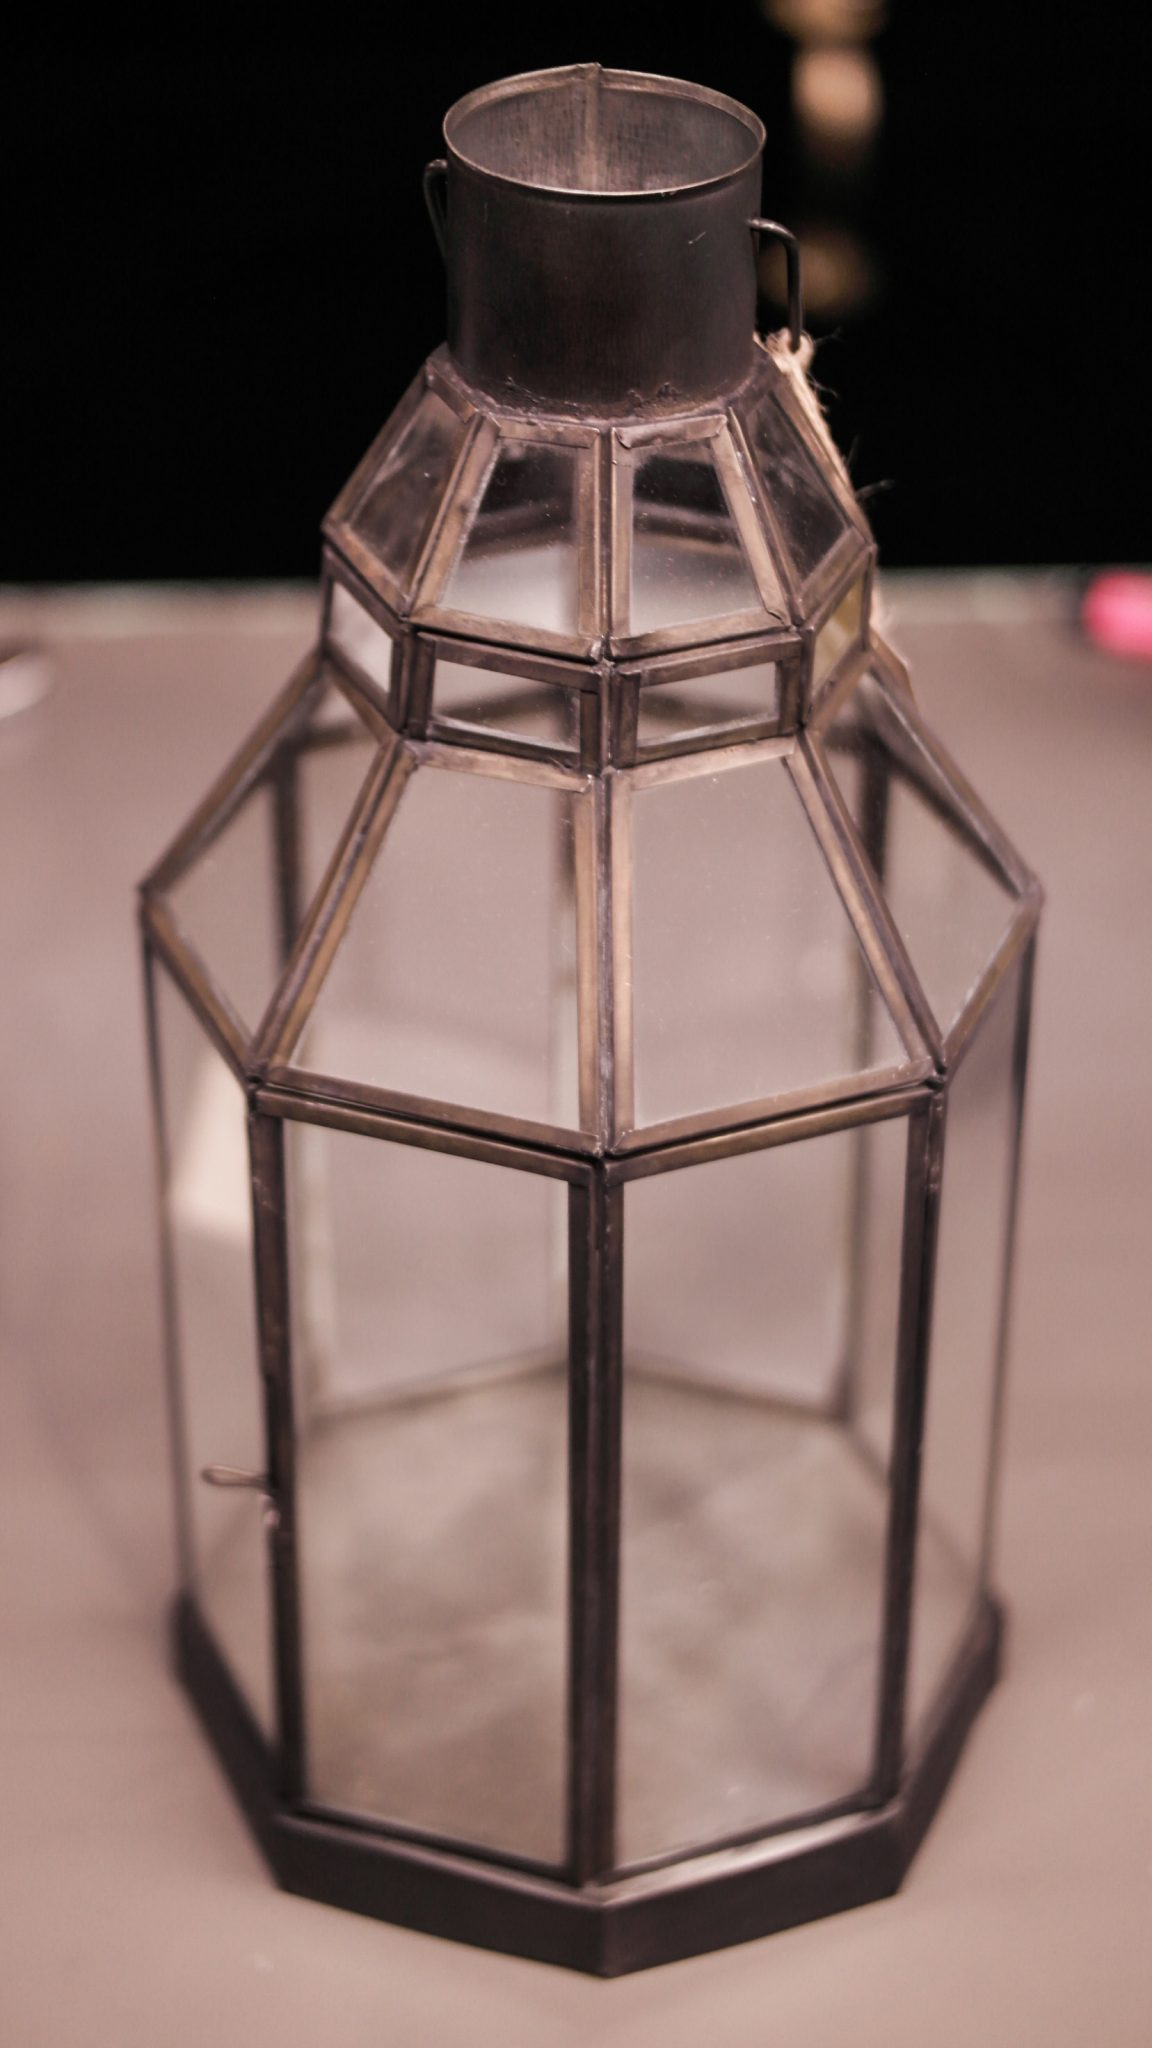 handgefertigte glaslaterne popshop skandinavische. Black Bedroom Furniture Sets. Home Design Ideas